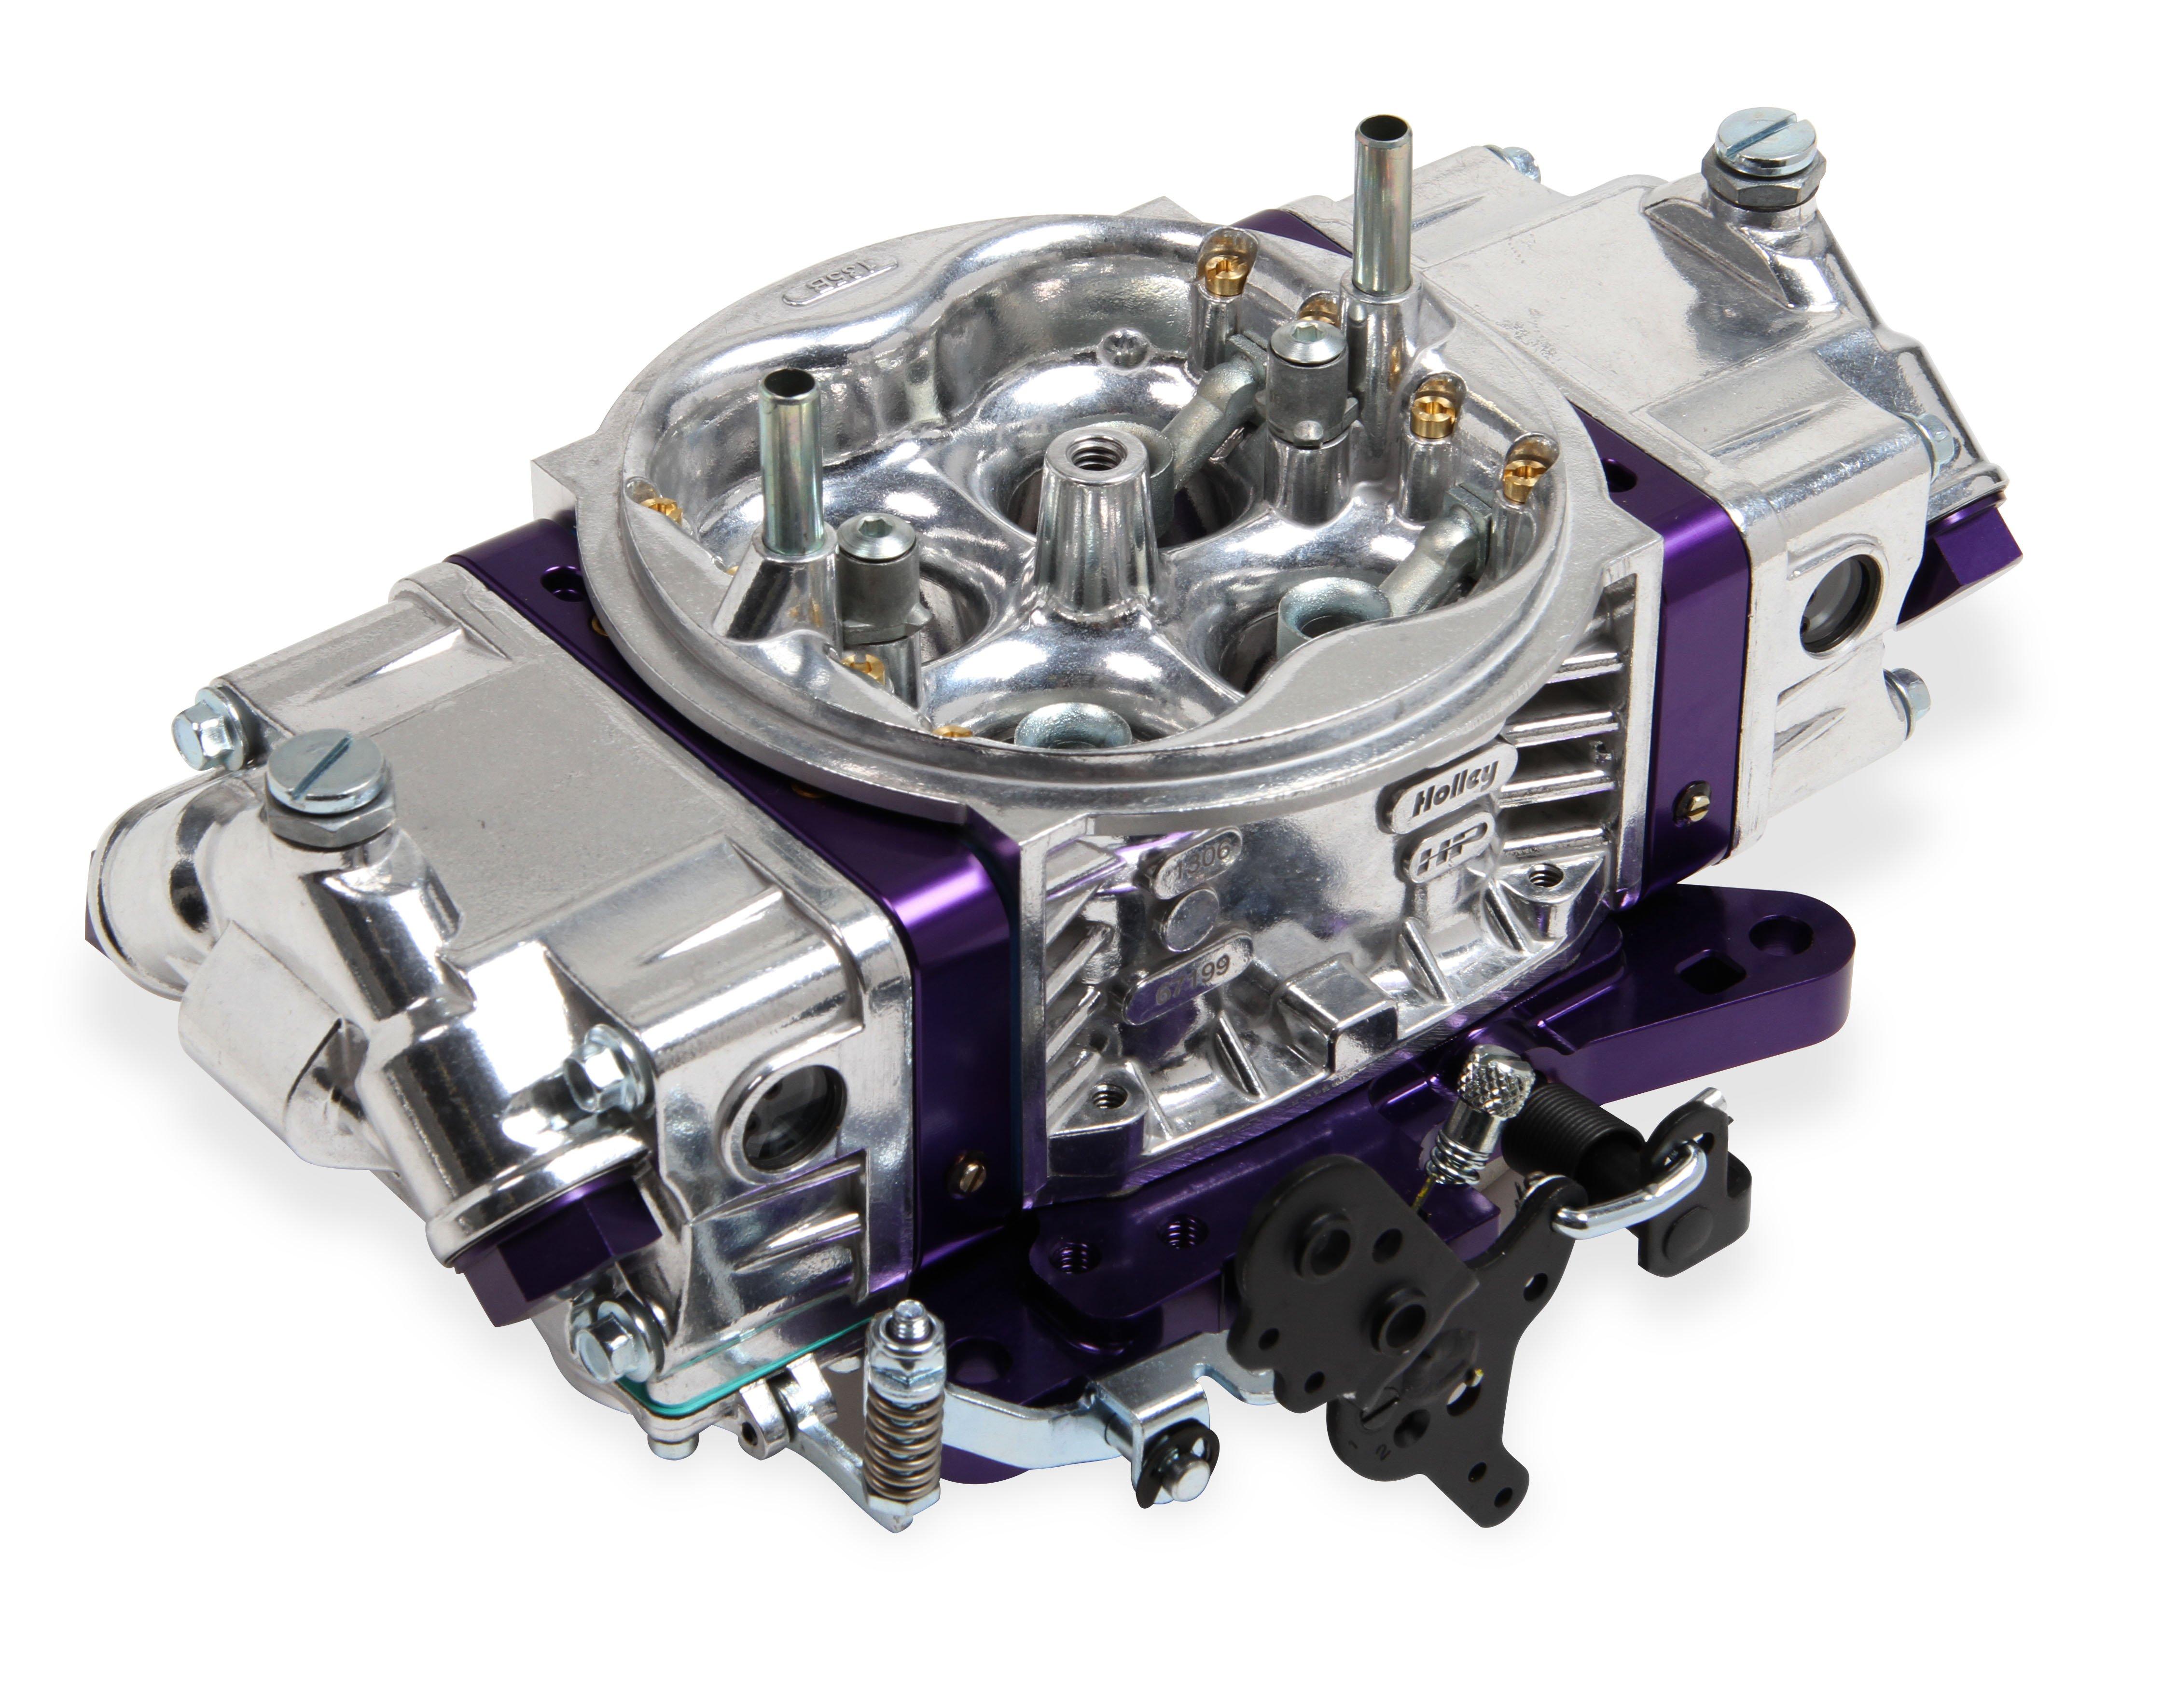 750 CFM Track Warrior Carburetor